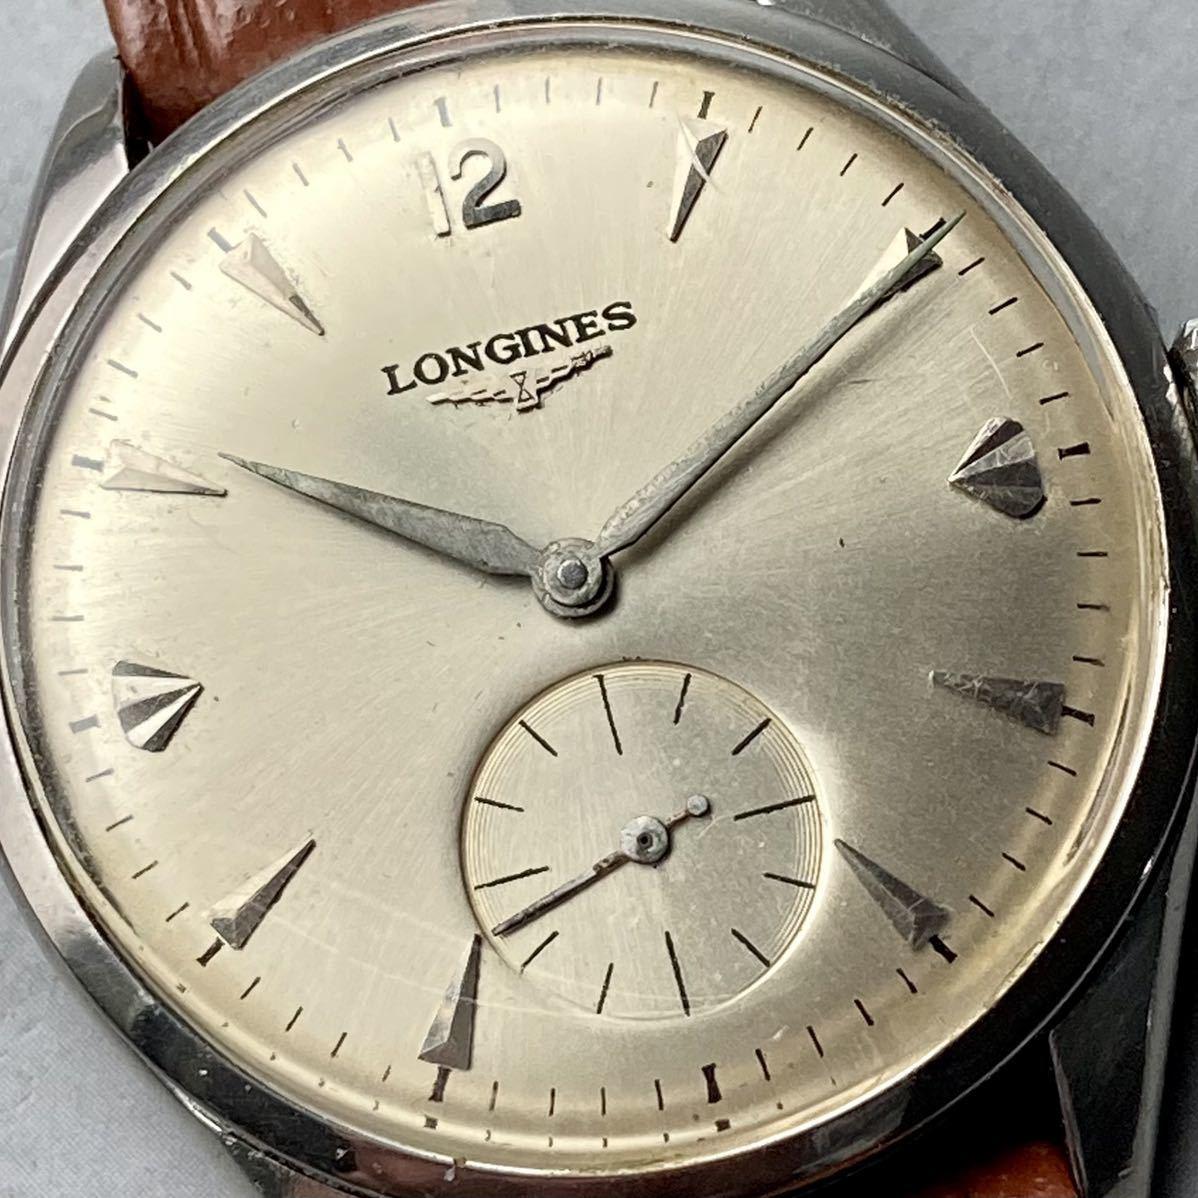 動作良好★ロンジン アンティーク 腕時計 1950年代 メンズ 手巻き cal.12.68Z ケース径33㎜ LONGINES ビンテージ ウォッチ 男性 スイス_画像3